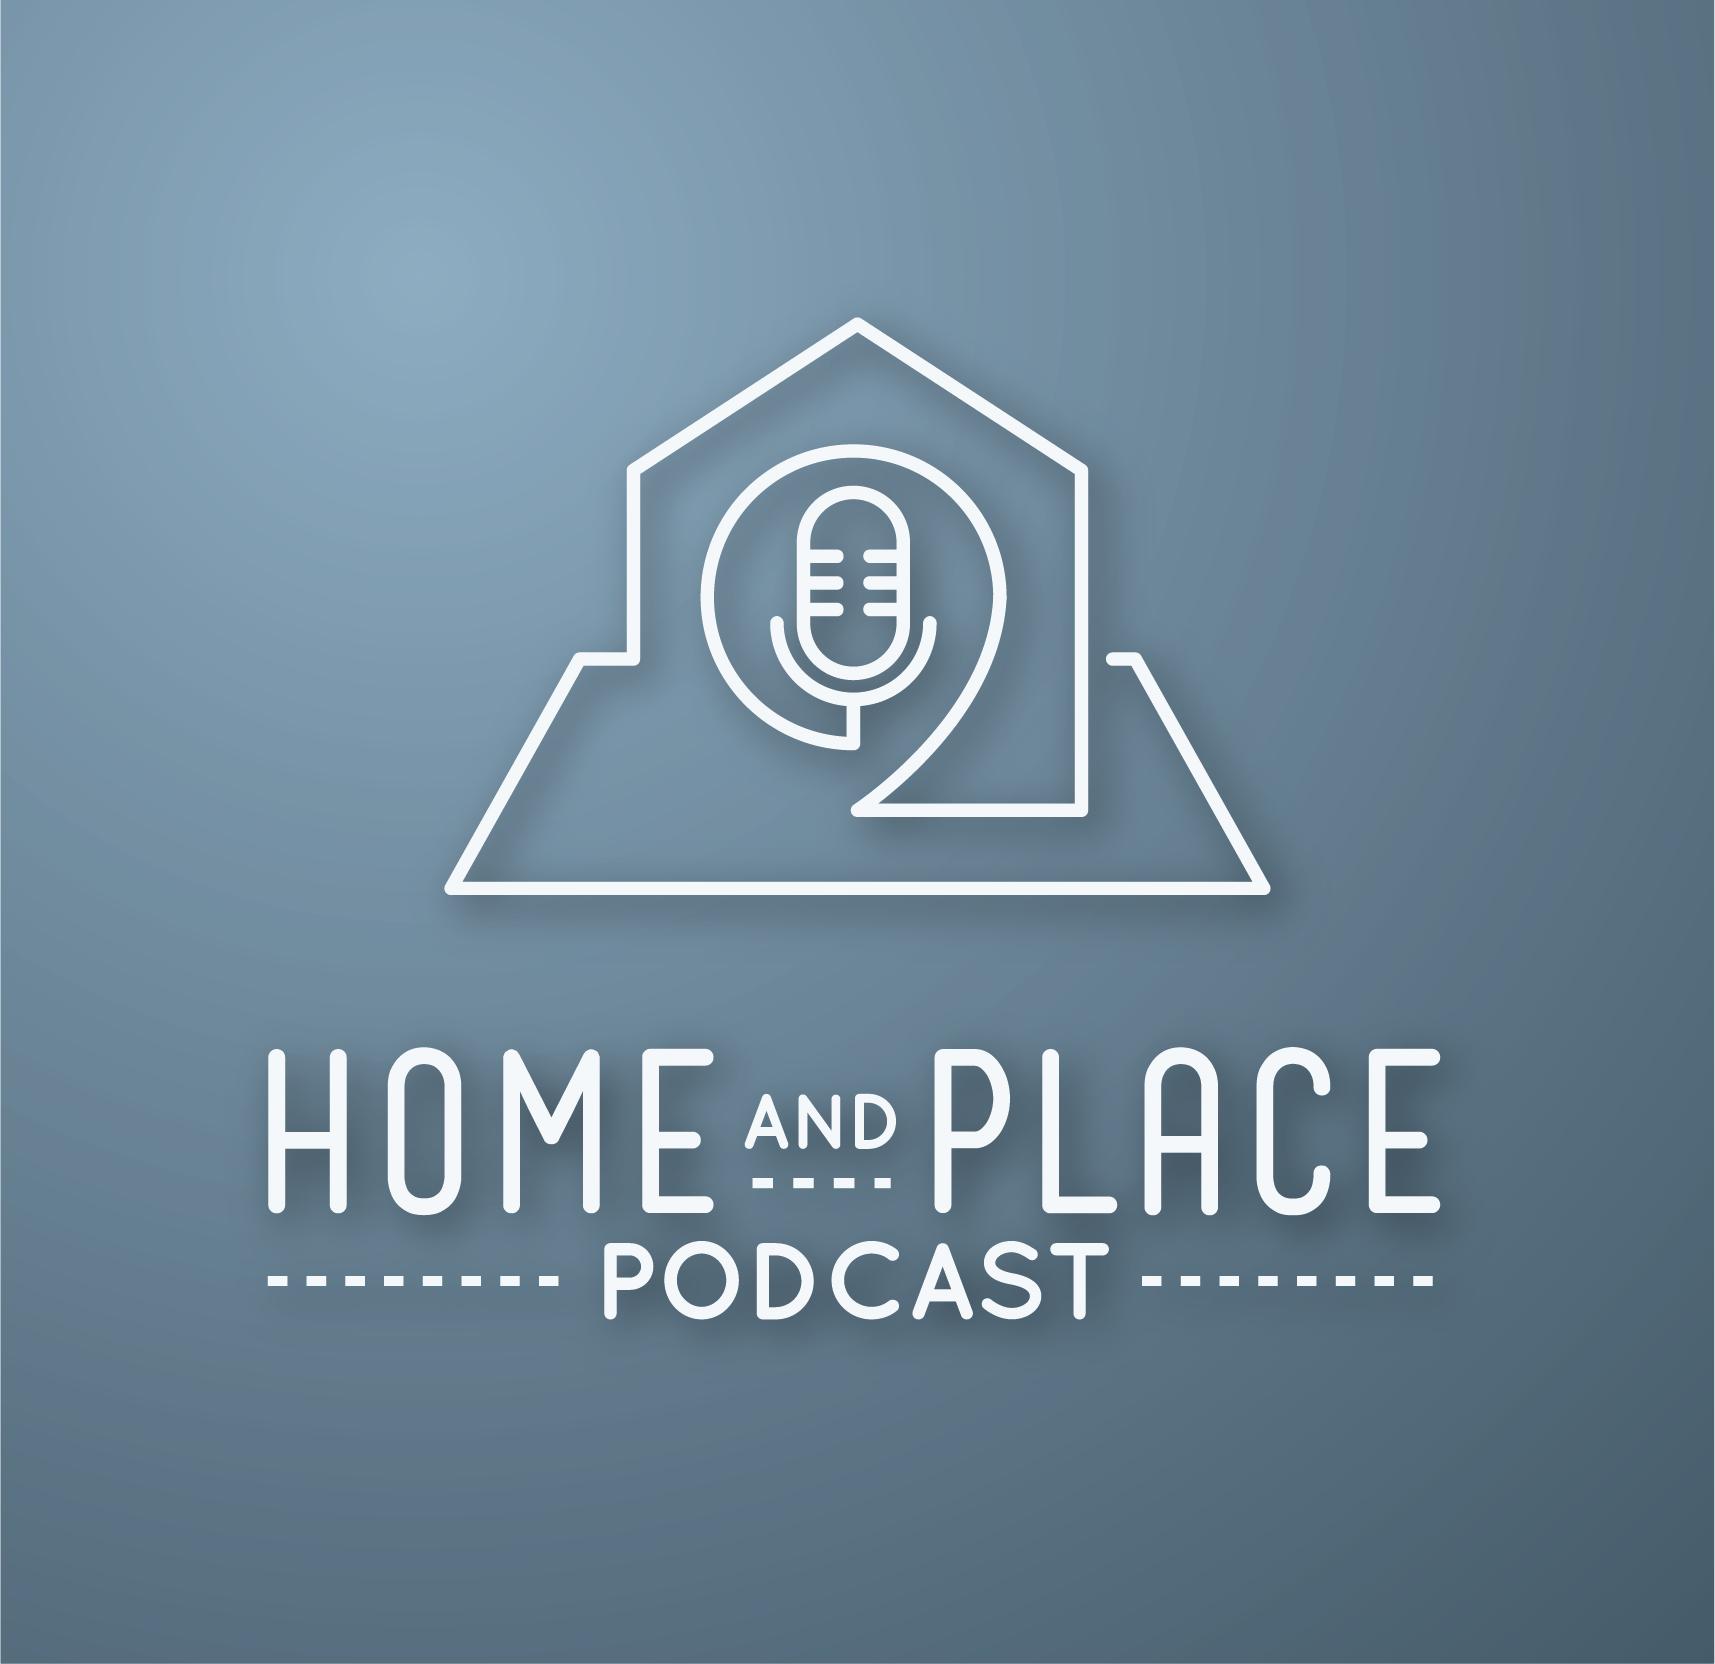 HP-Podcast_Logo_Full_OnBG-Blue-Shaded.jpg